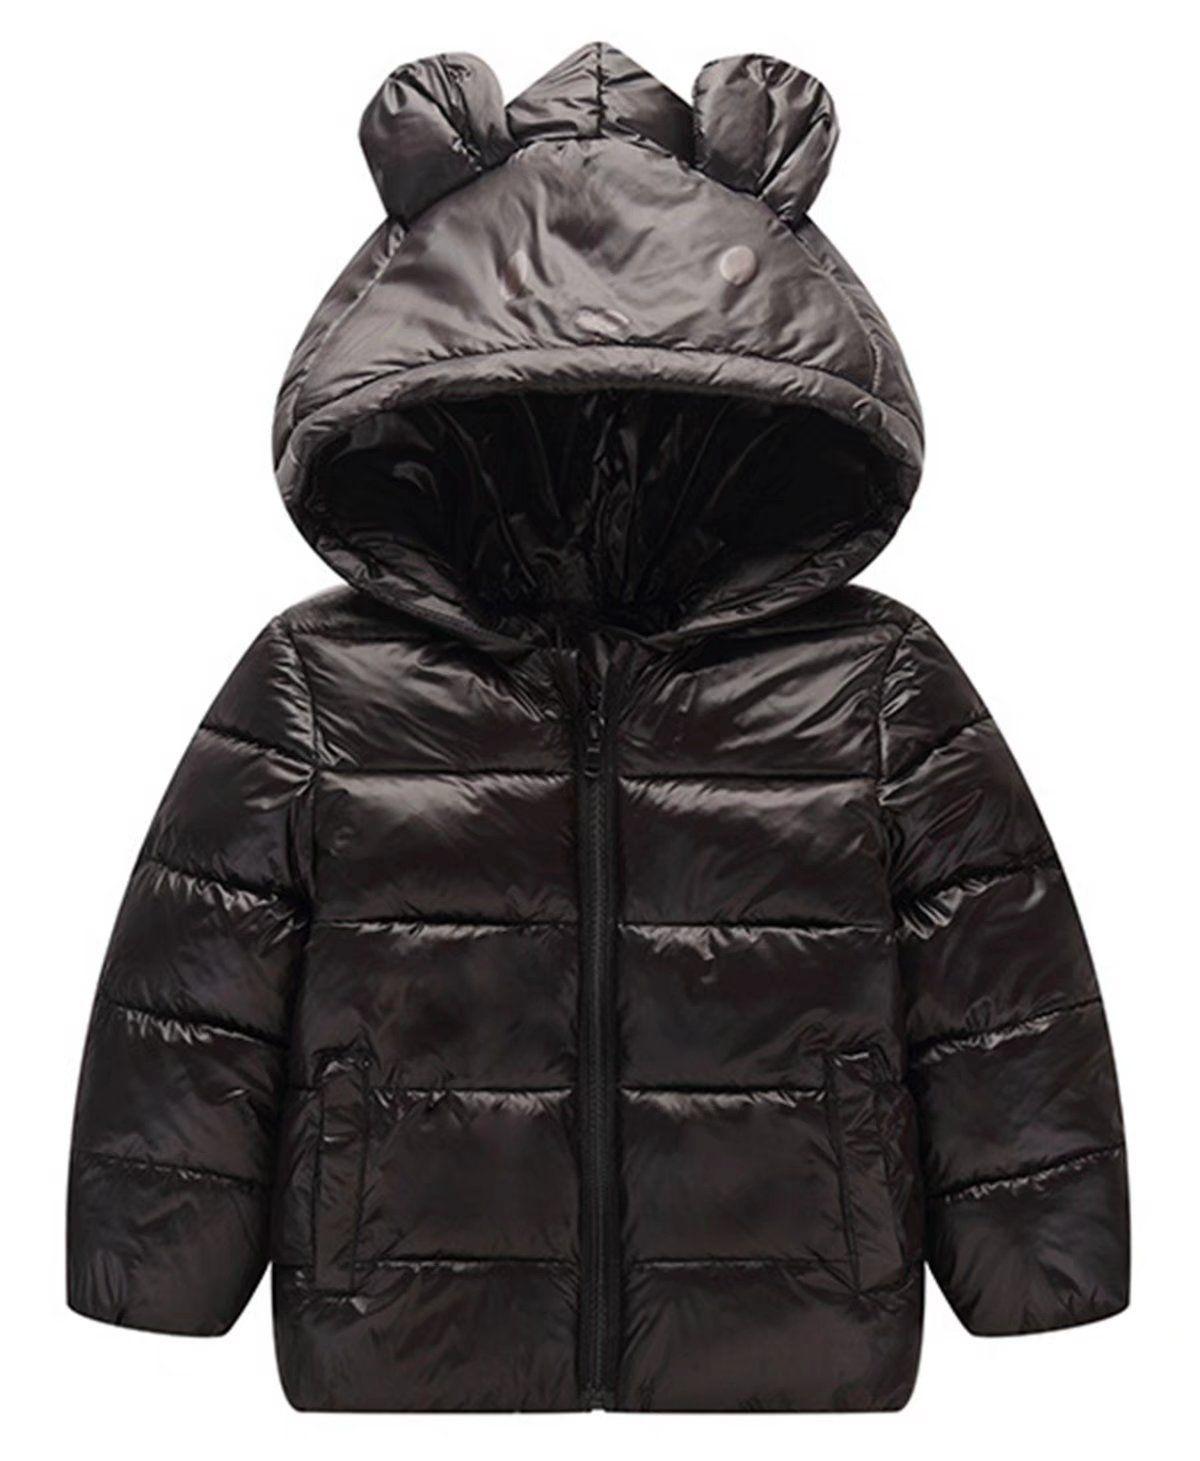 892c946a3 Betusline Unisex Kids Baby Boys Girls Winter Jacket Ear Warm Coat ...